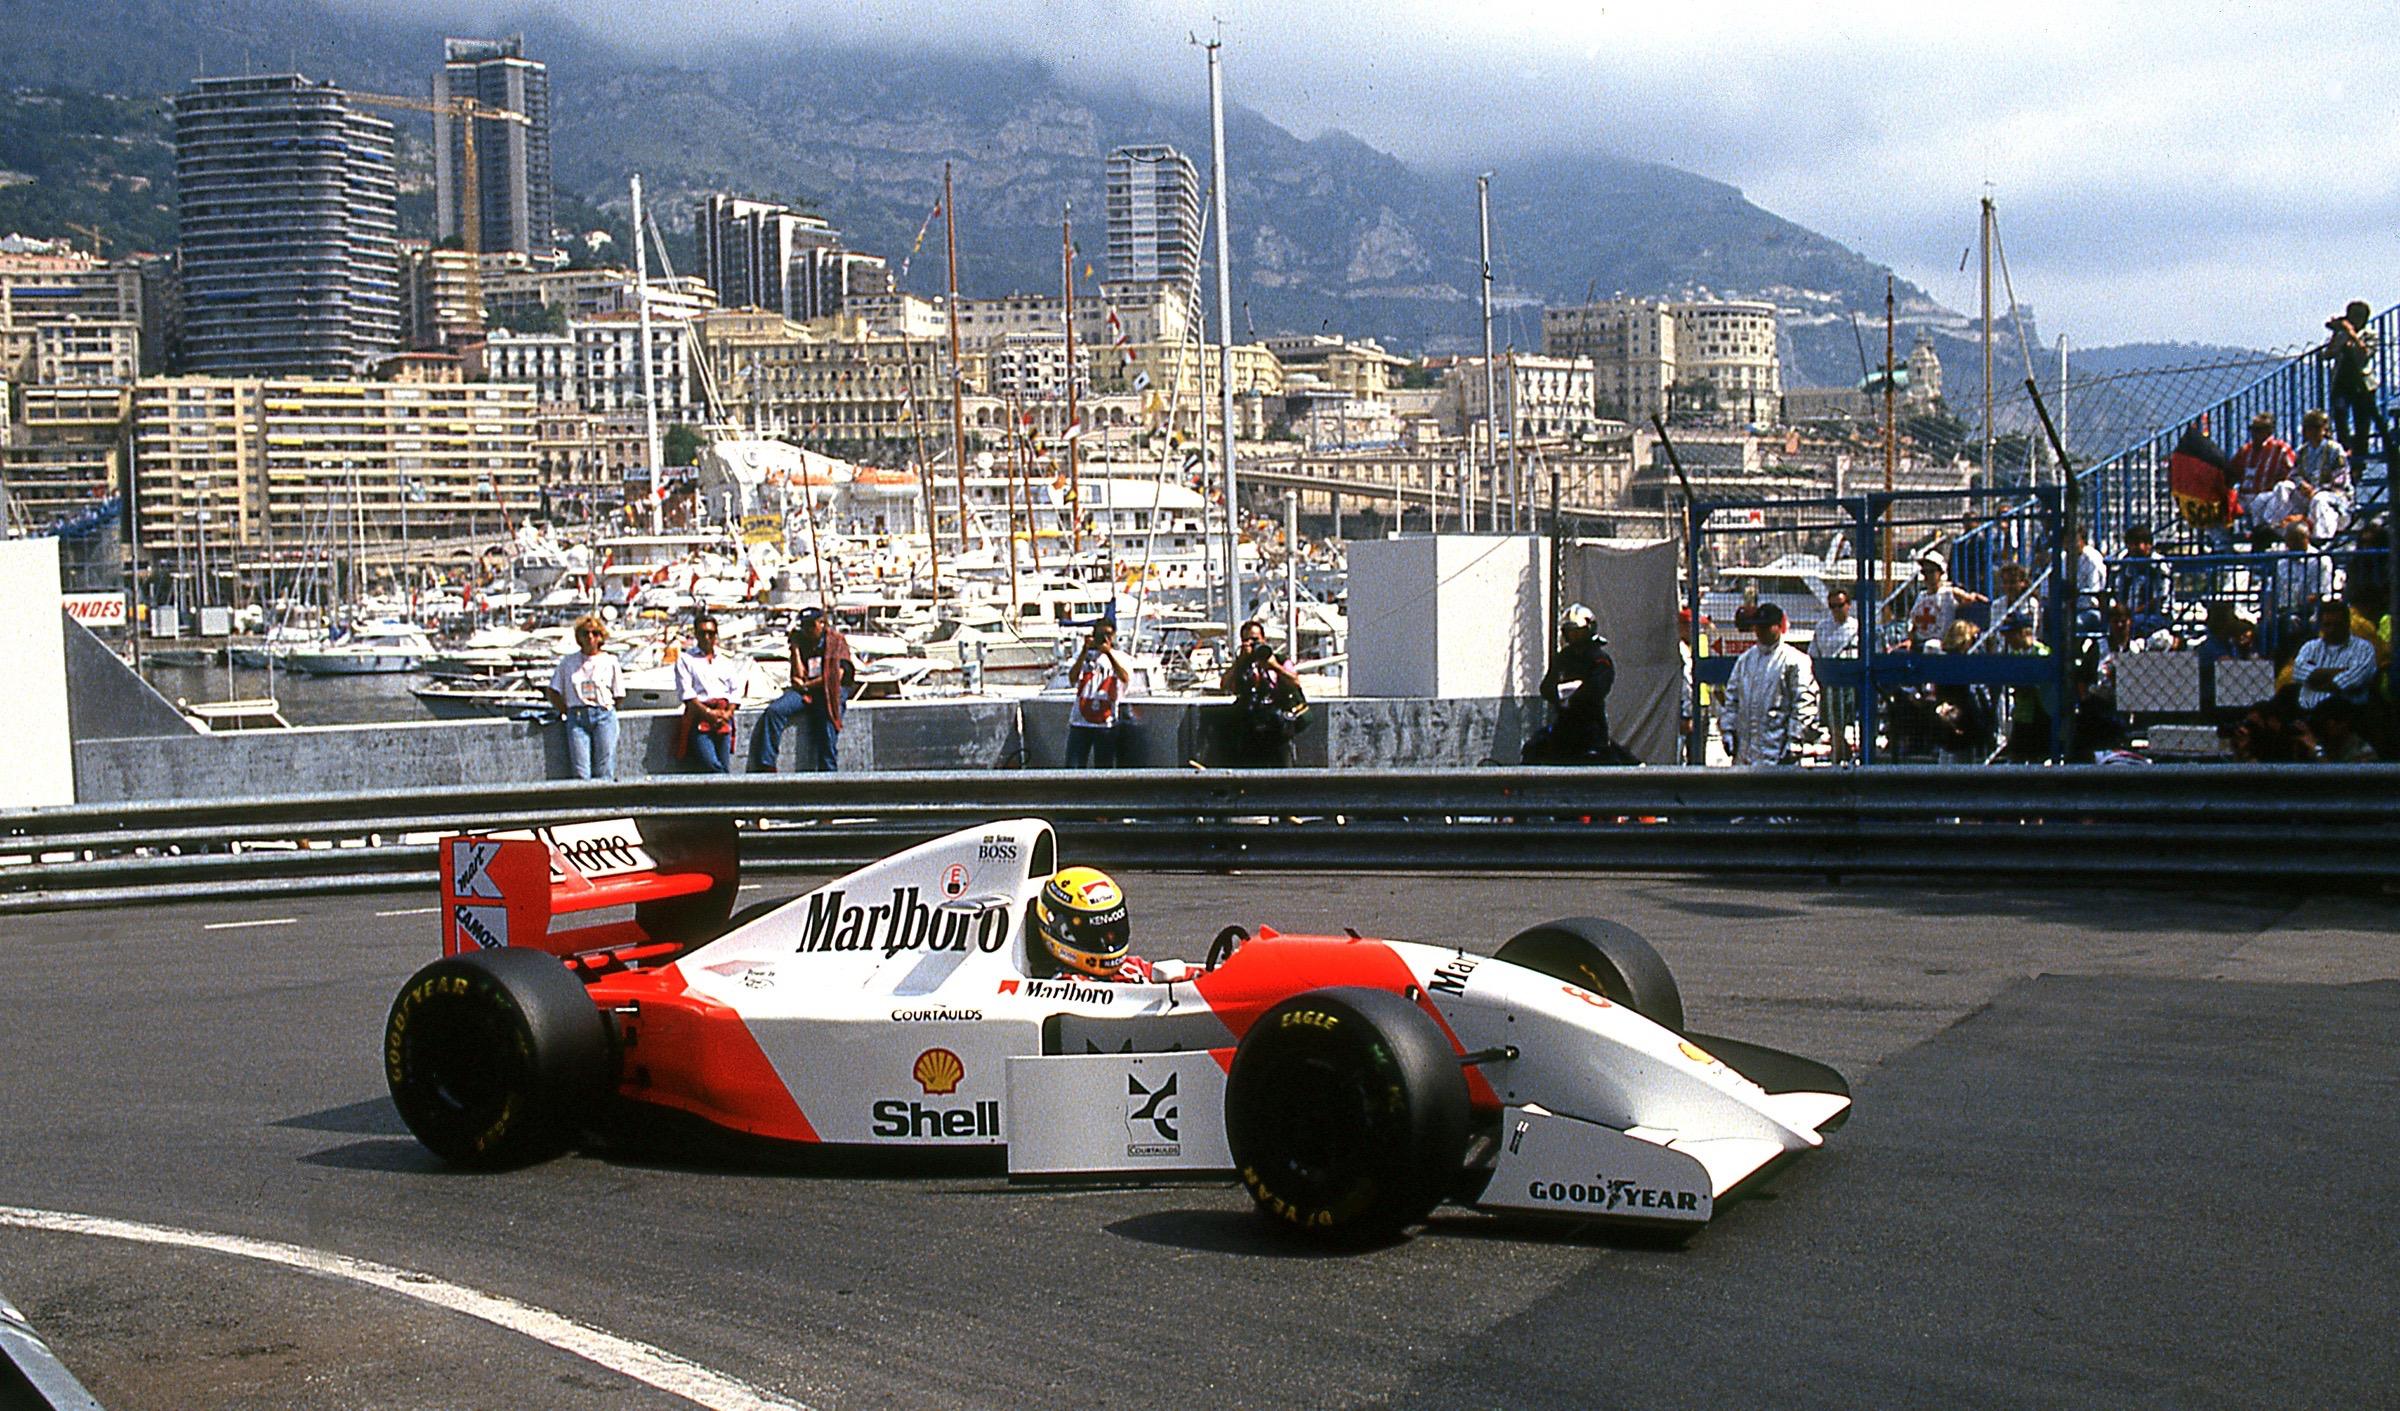 25 Years Later Senna S Monaco Winning Mclaren Heads To